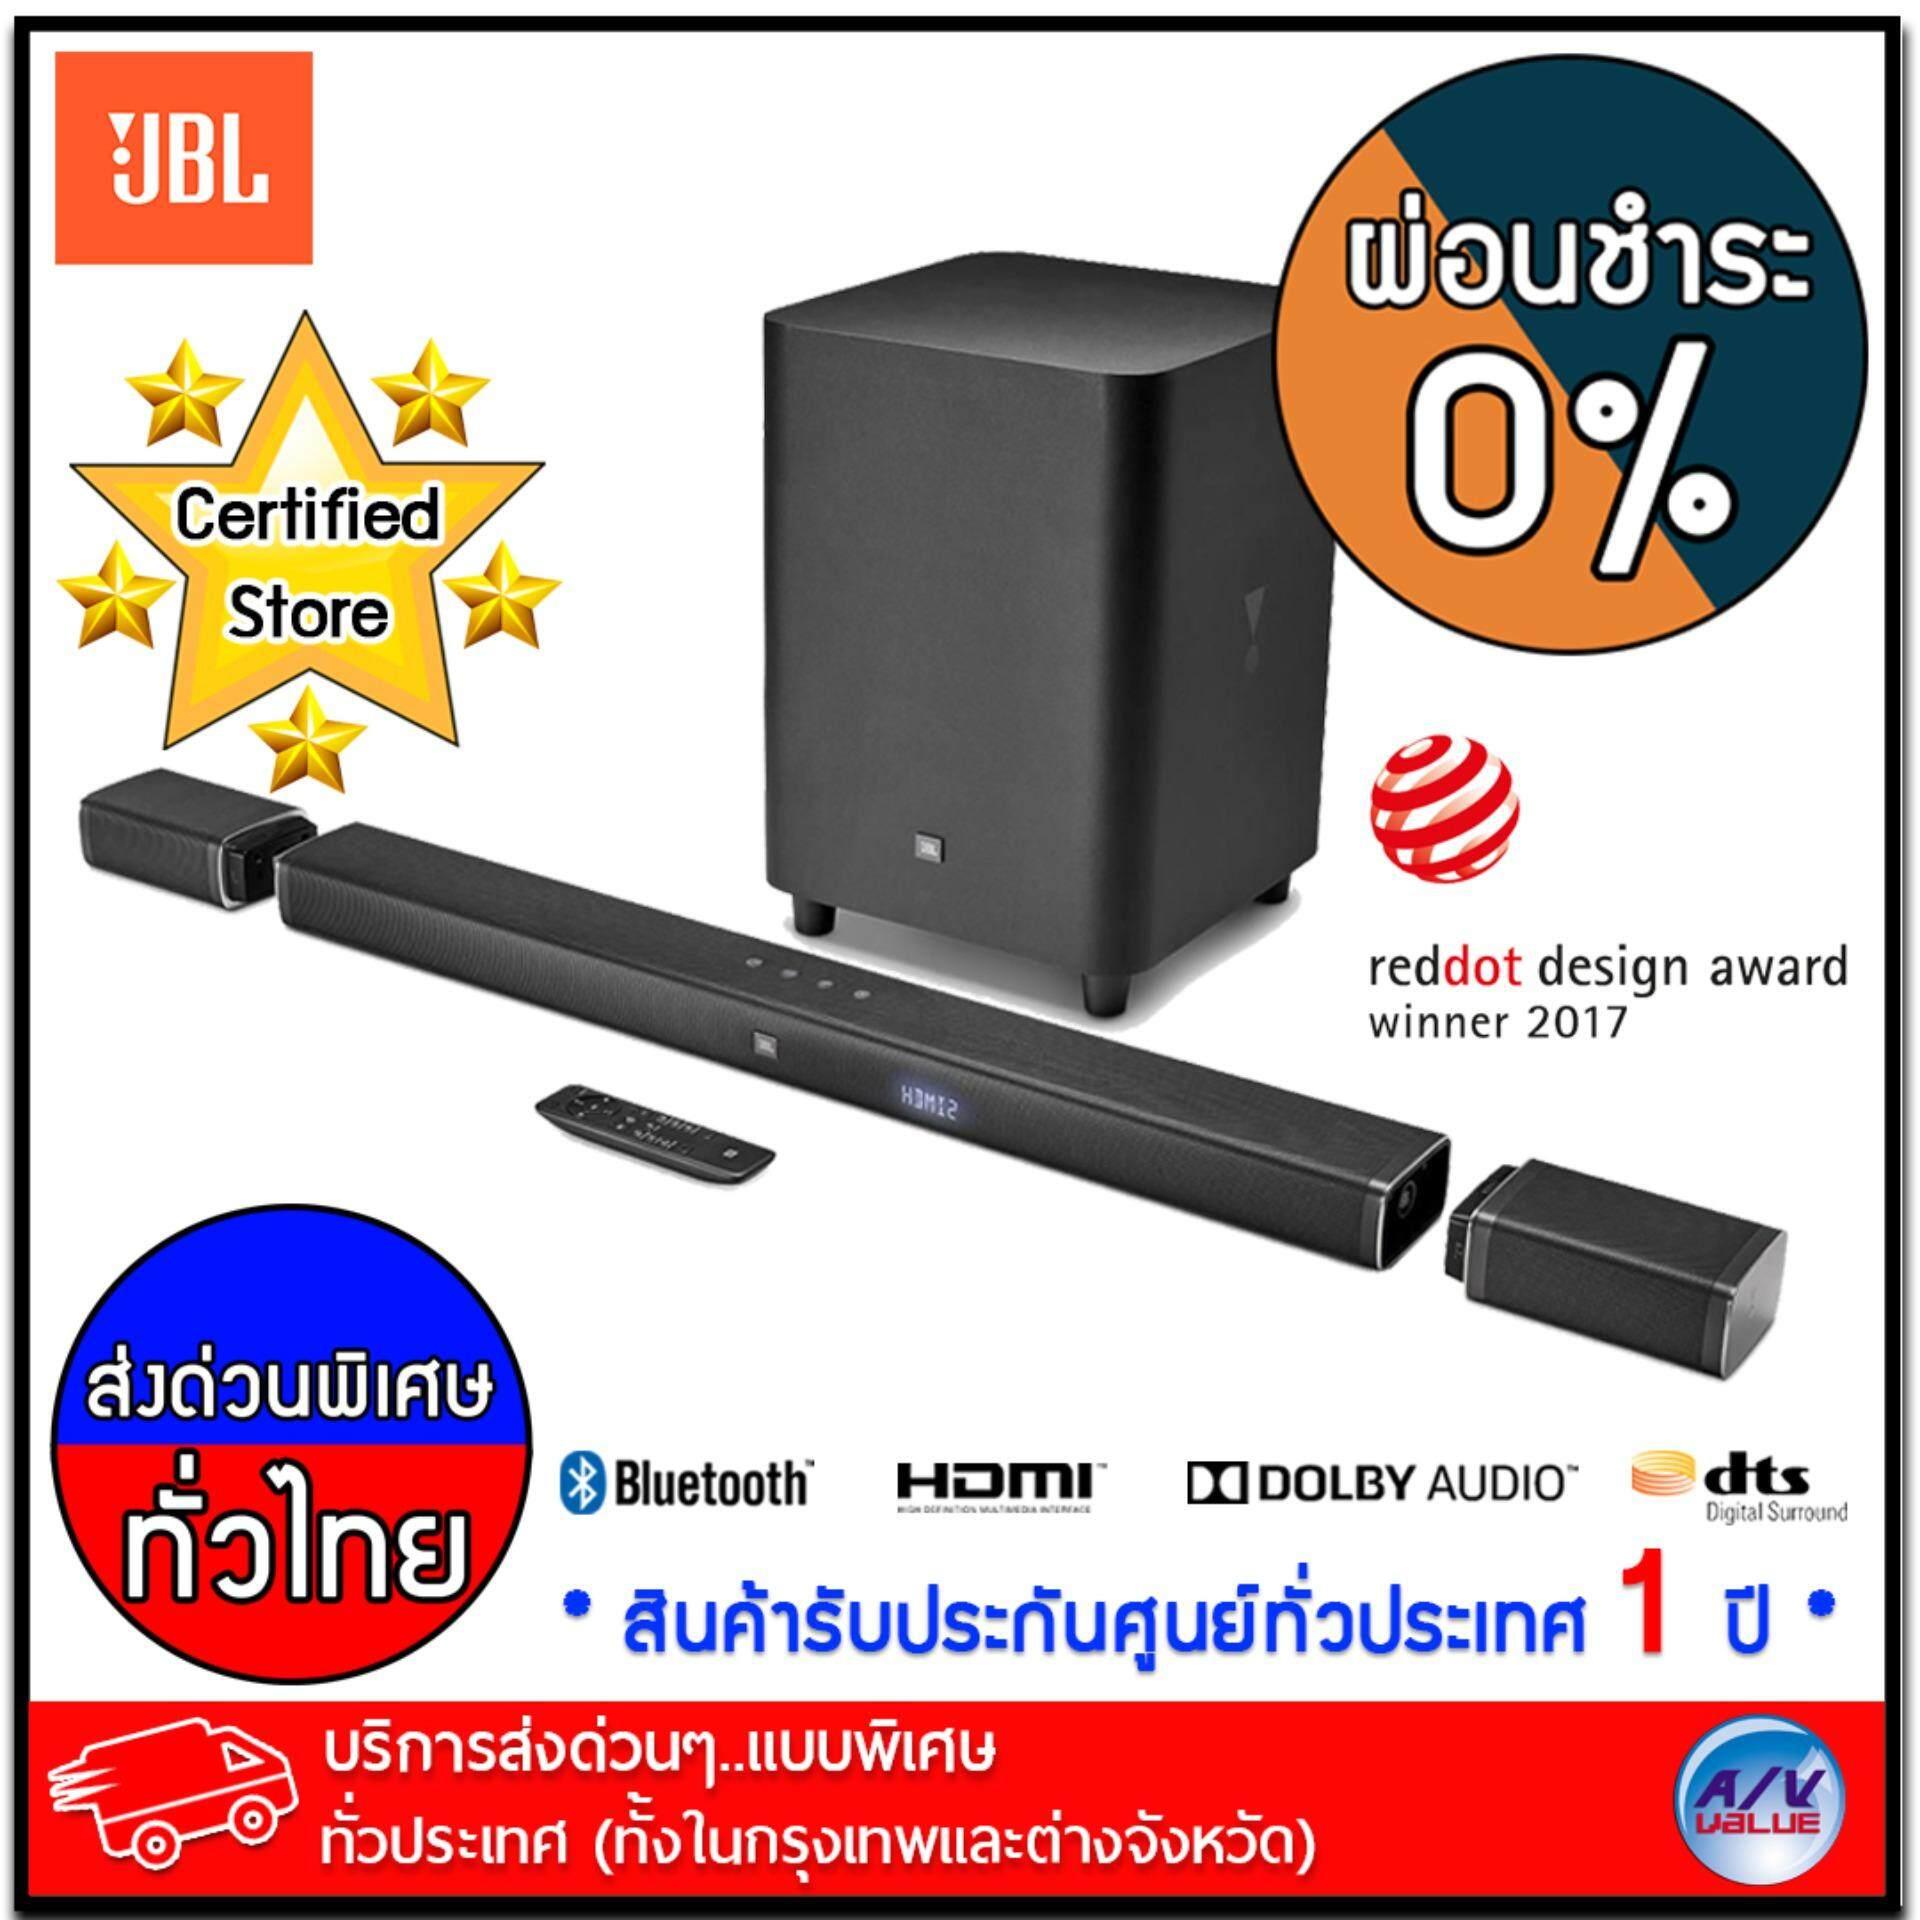 สอนใช้งาน  ชลบุรี JBL รุ่น Bar 5.1 Wireless Soundbar  *** บริการส่งด่วนแบบพิเศษ!ทั่วประเทศ (ทั้งในกรุงเทพและต่างจังหวัด)***